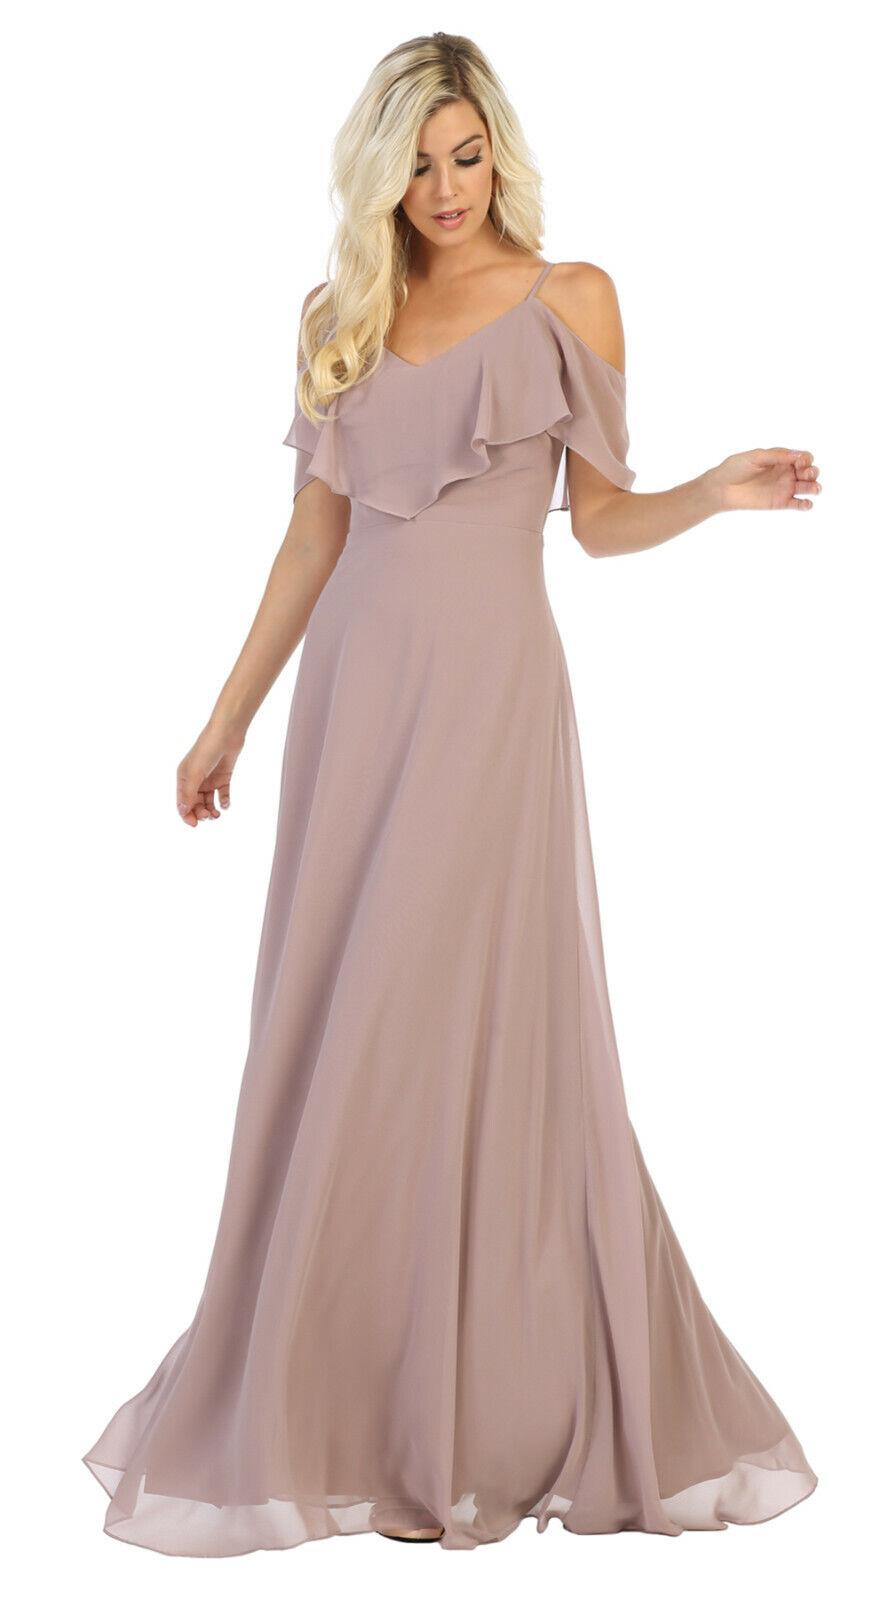 Besondere Anlässe Brautjungfer Abschlussabend Kleid Militär Formelle Abendkleid